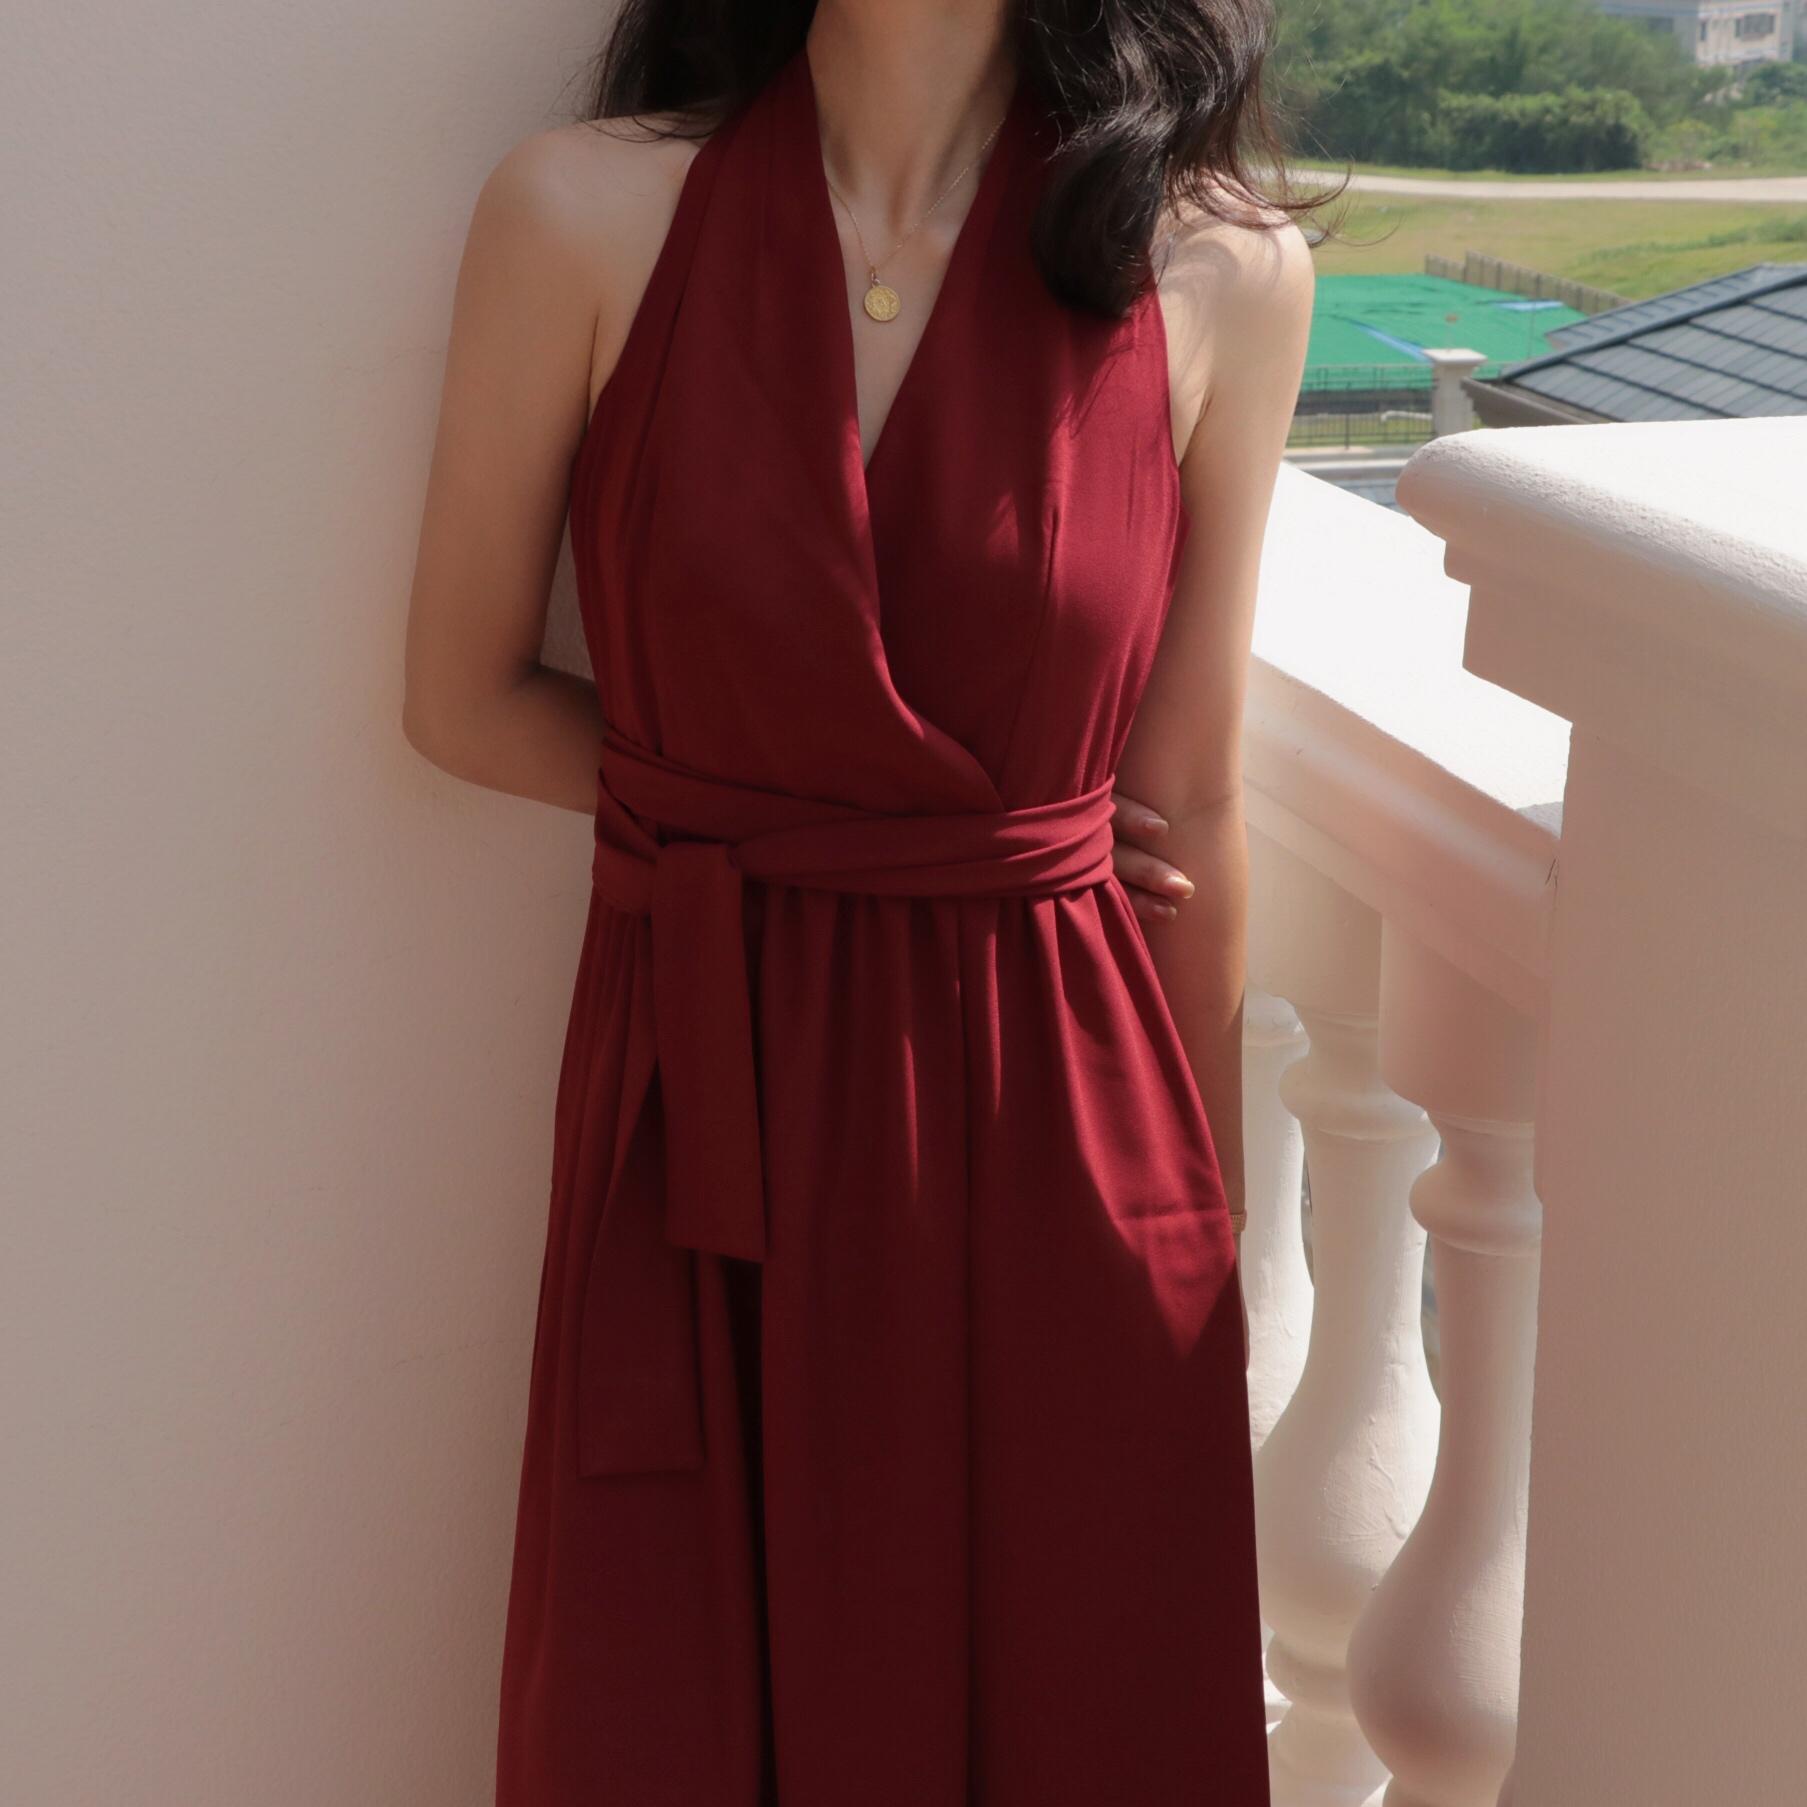 橘里闻香识女人挂脖露背无袖长款连衣裙复古小红裙礼服裙2021新款